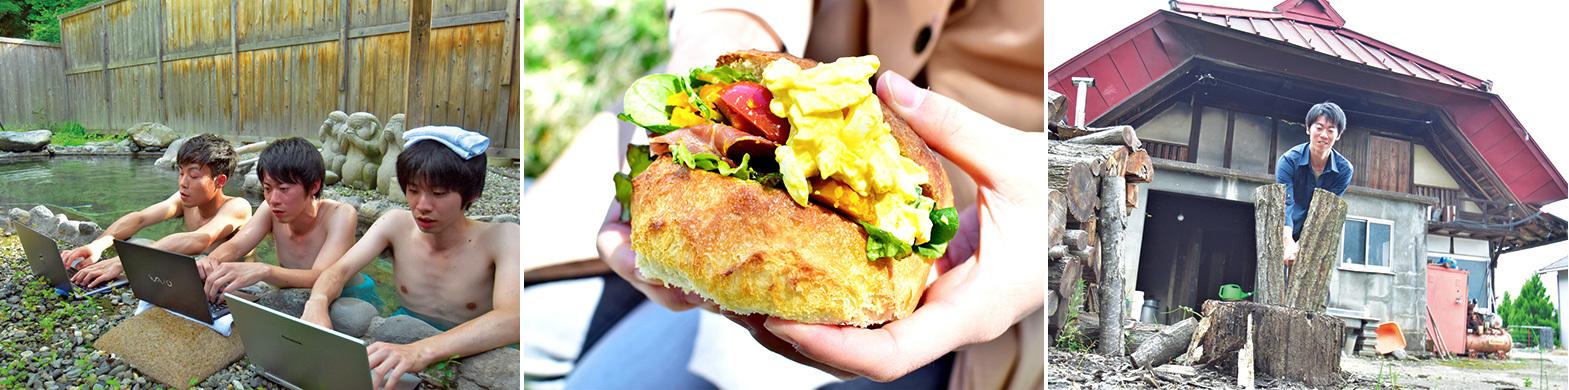 左/みなかみ町は温泉も豊富。お湯の中で体をゆっくり伸ばしながらパソコンに向かえば、滞っていた仕事も極楽気分ではかどるかも!? 中央/利根川のほとりでピクニック。ランチにもミーティングにも。地元のパン屋さんのパンに地元産の野菜を挟んだサンドイッチを食べよう。 右/地元農家の協力者も多く、農泊を通じて薪割り体験や、農作物の刈り取り作業を手伝ったりすることもできる。都会ではできない体験。